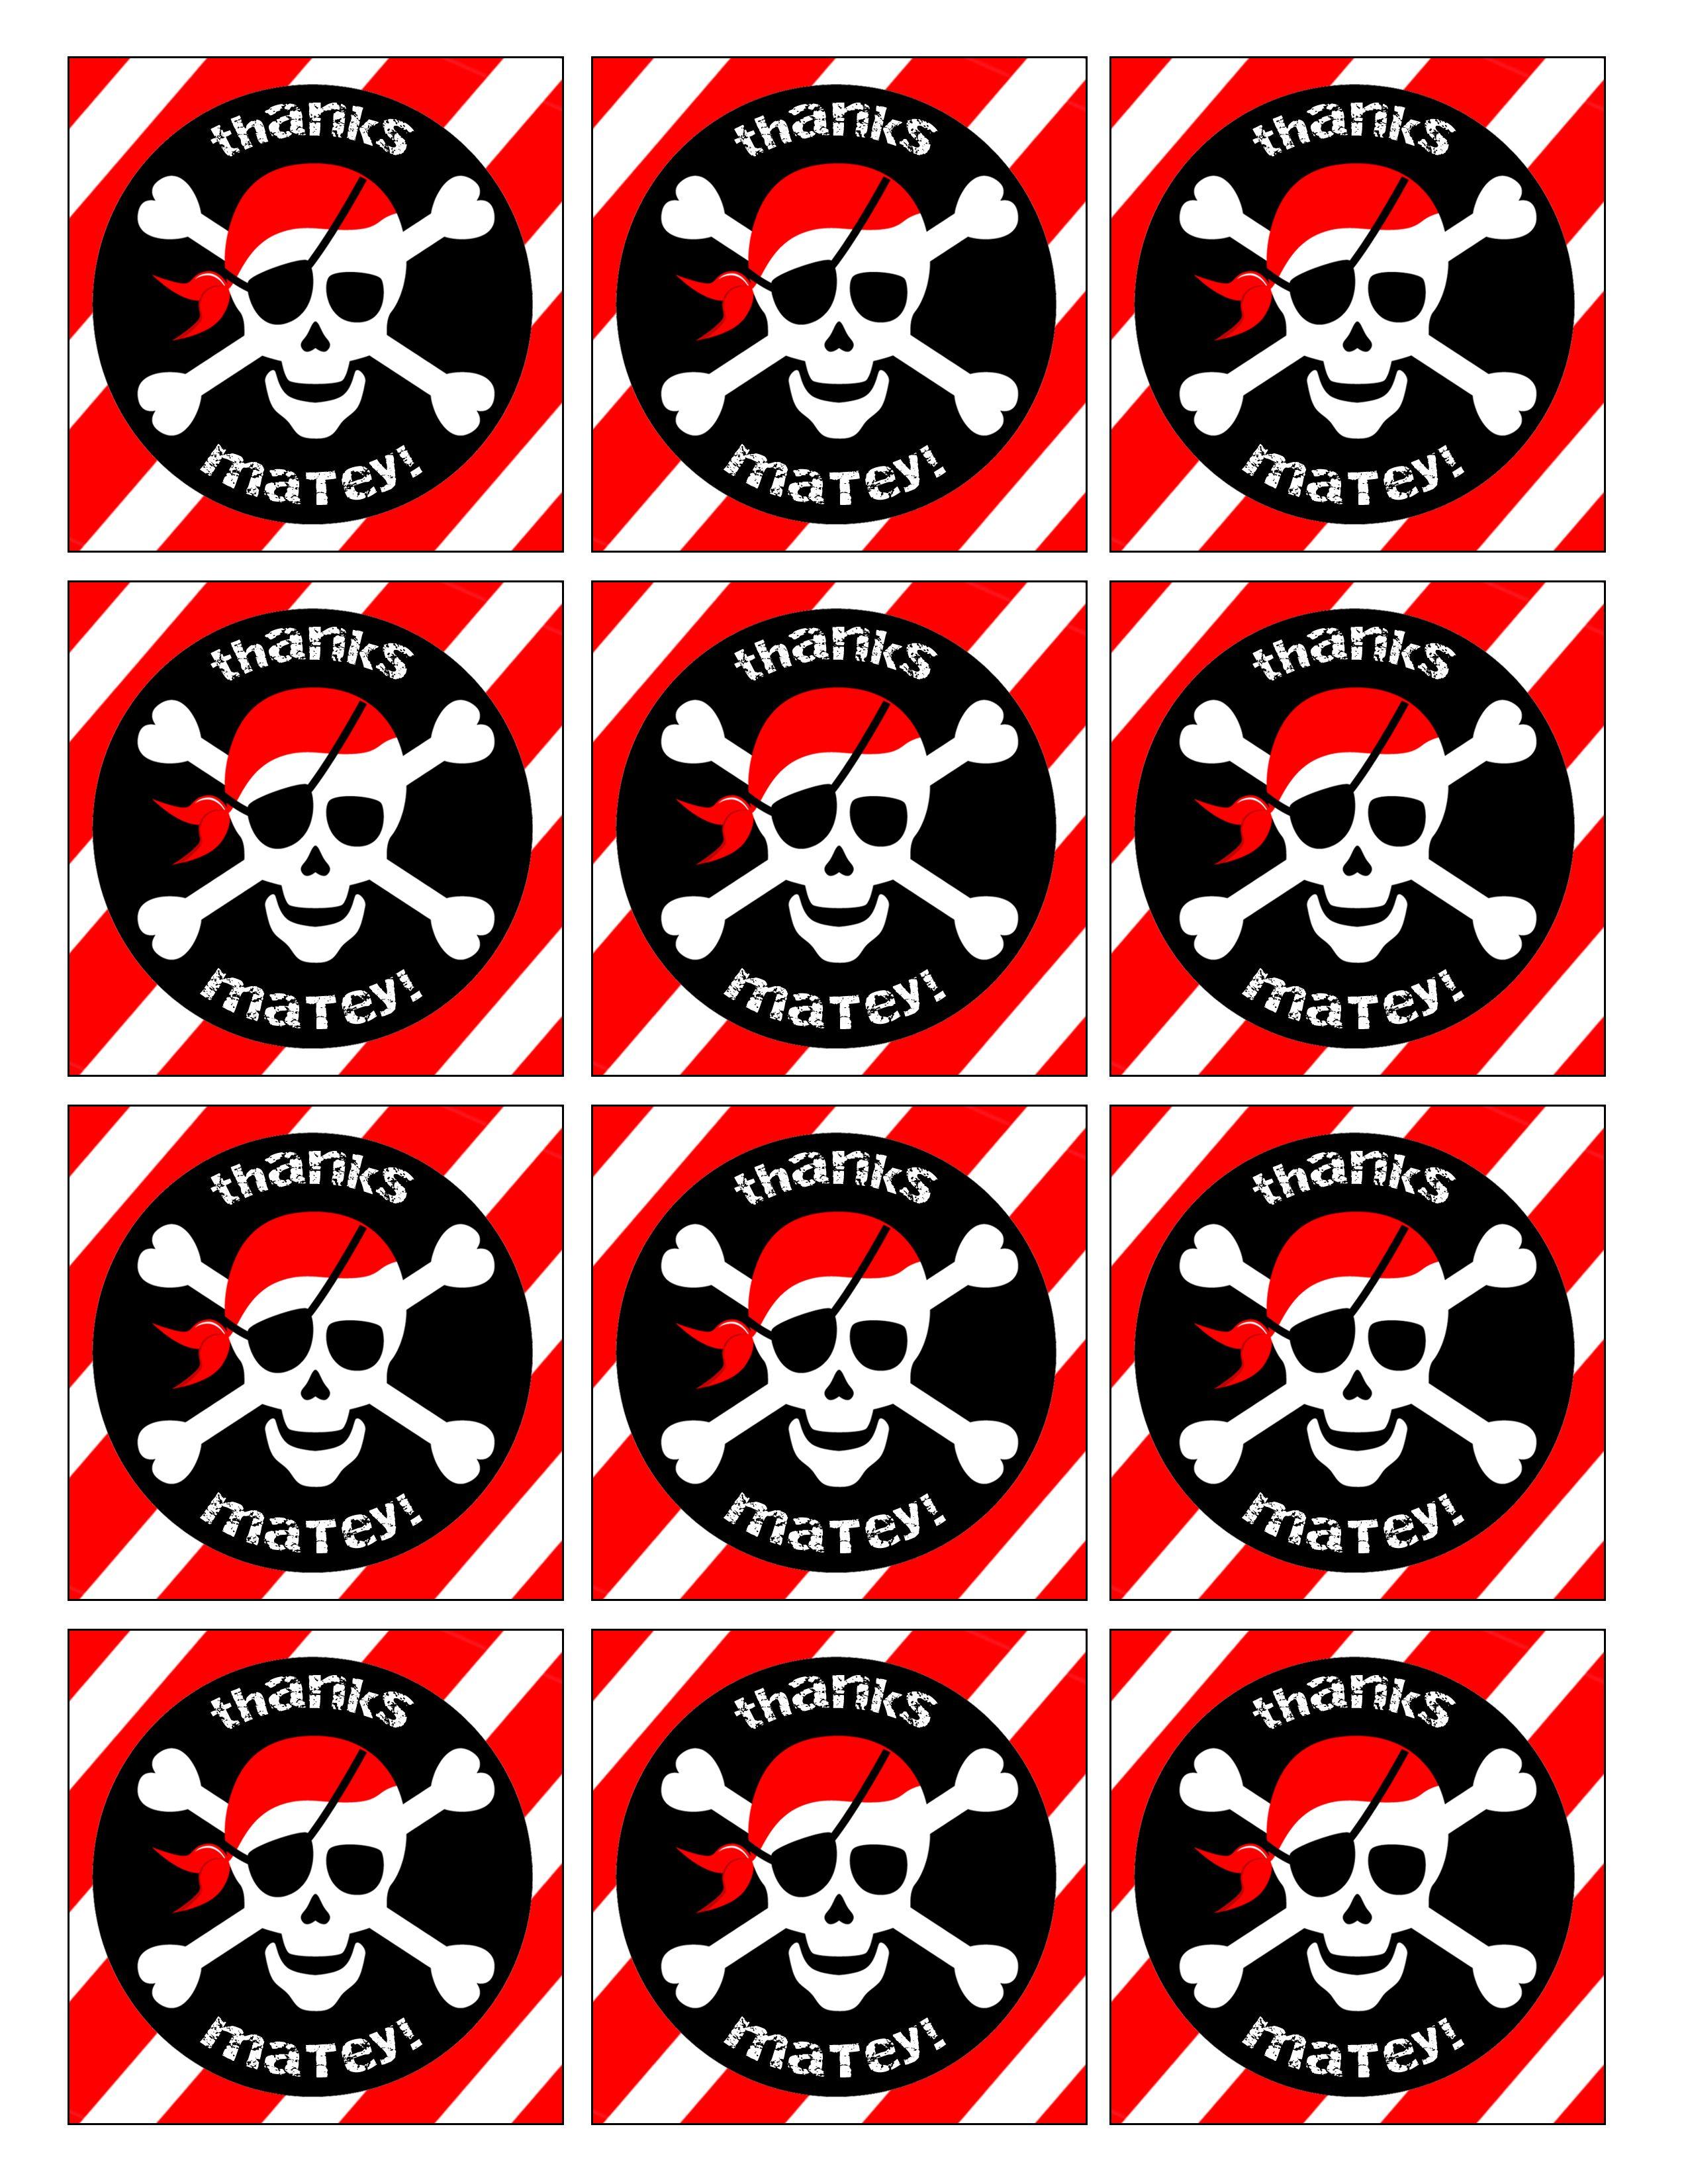 День независимости, картинки для пиратской вечеринки для детей распечатать